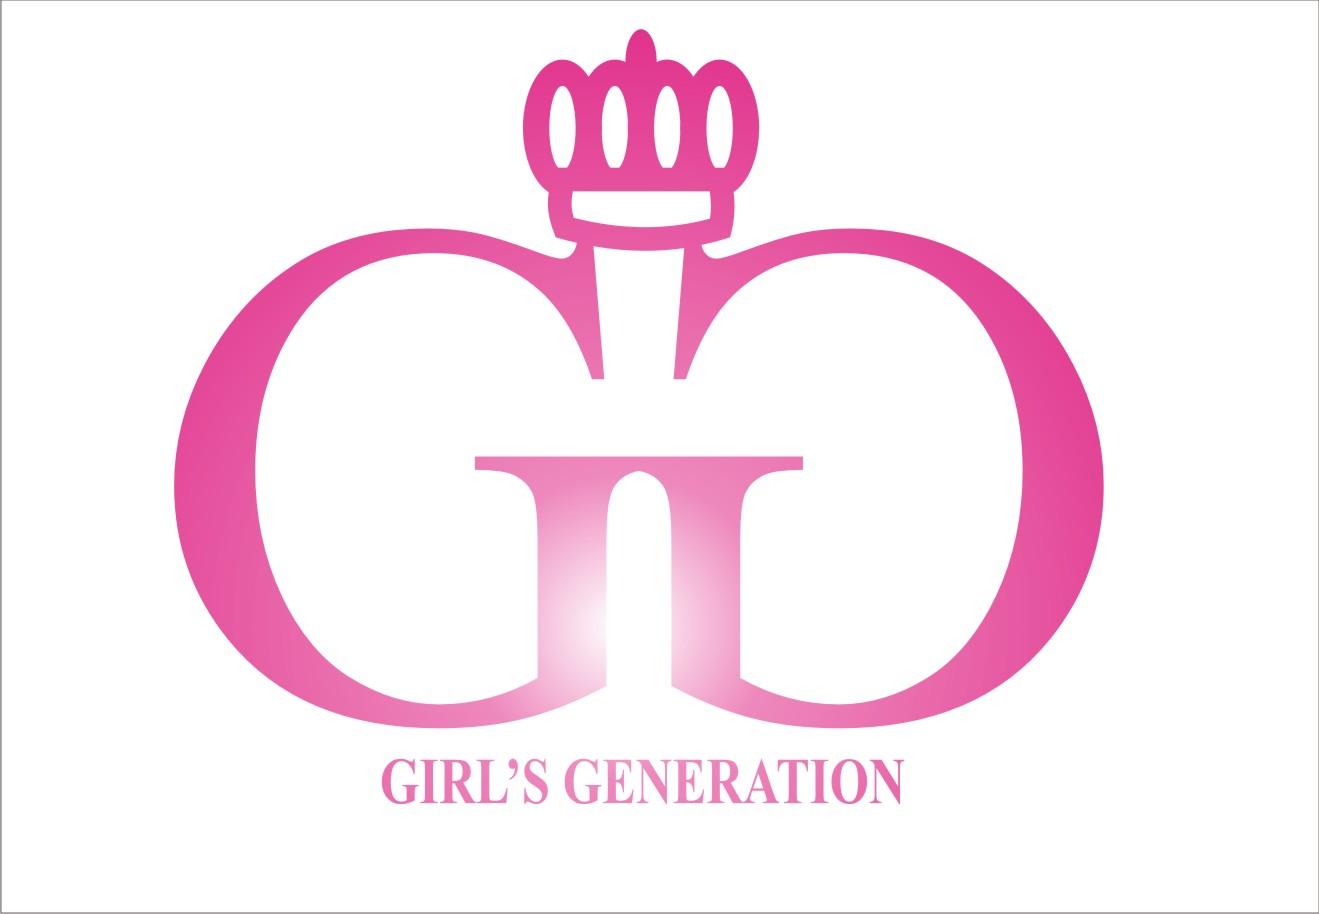 QeQe o_O: Arti Simbol GIRLS' GENERATON